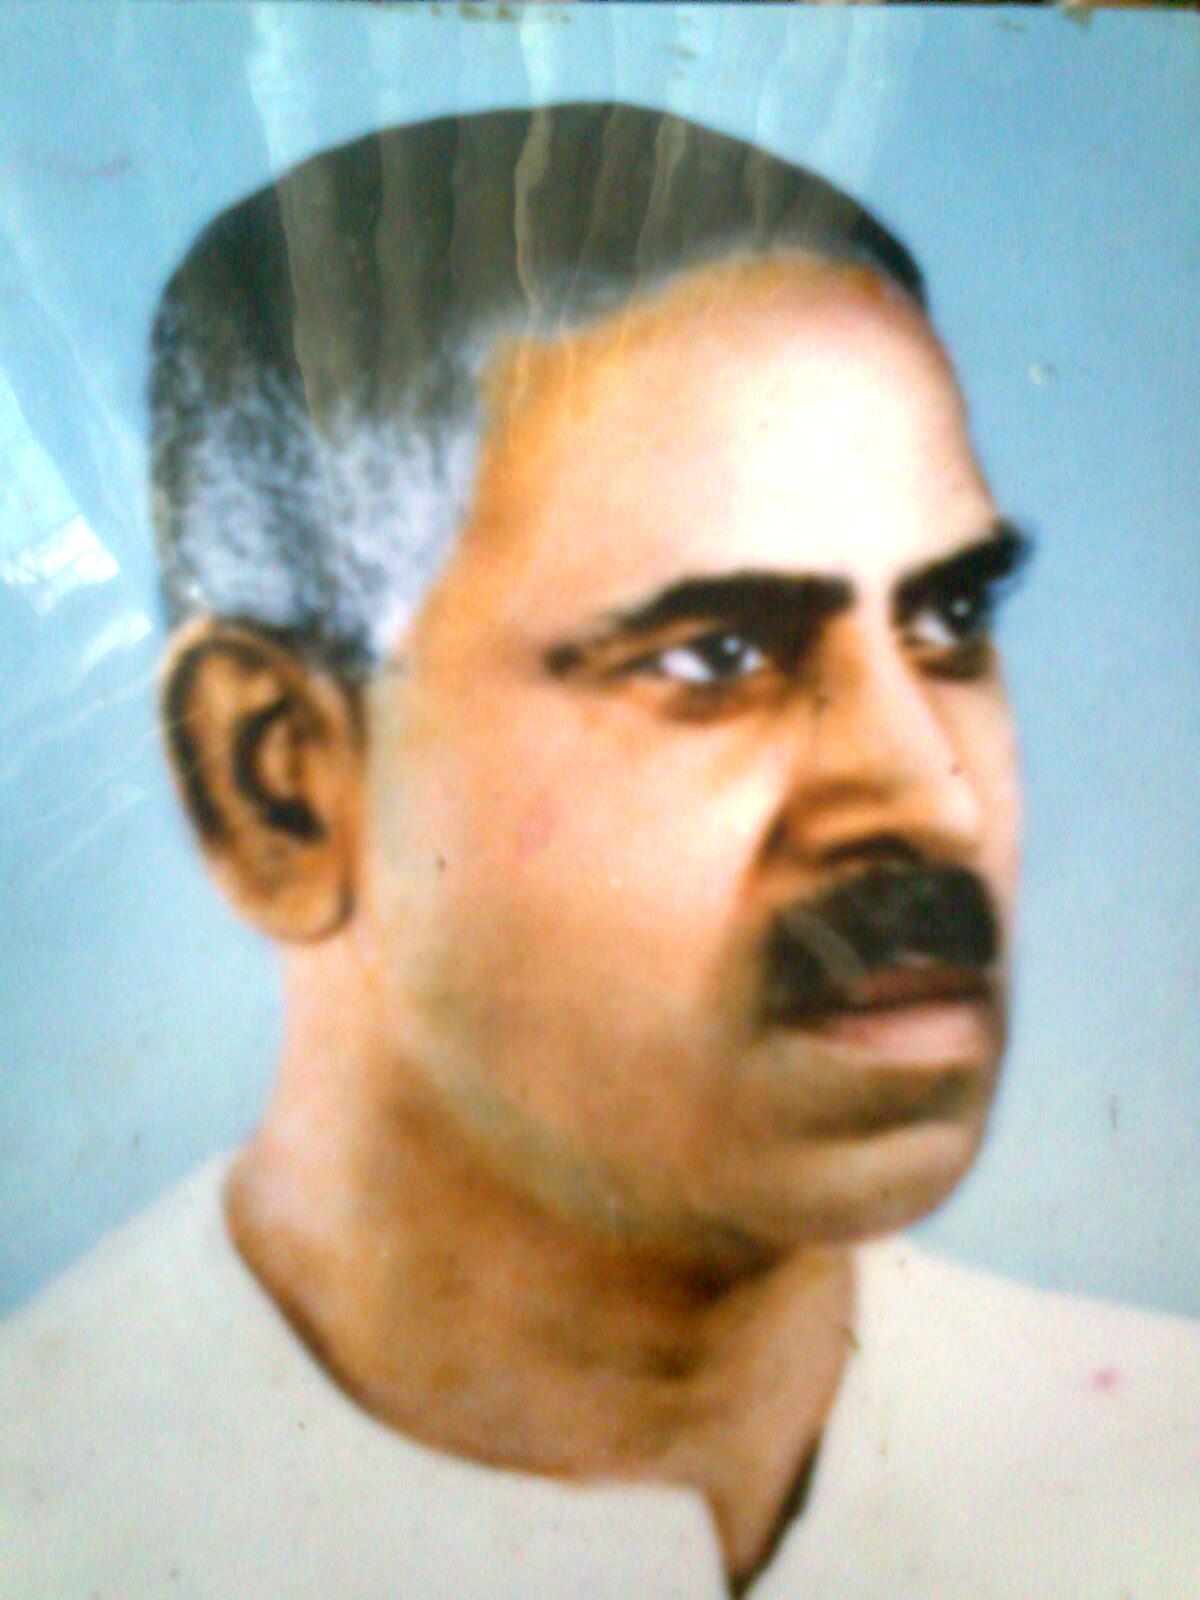 Sakthi T. K. Krishnasamy